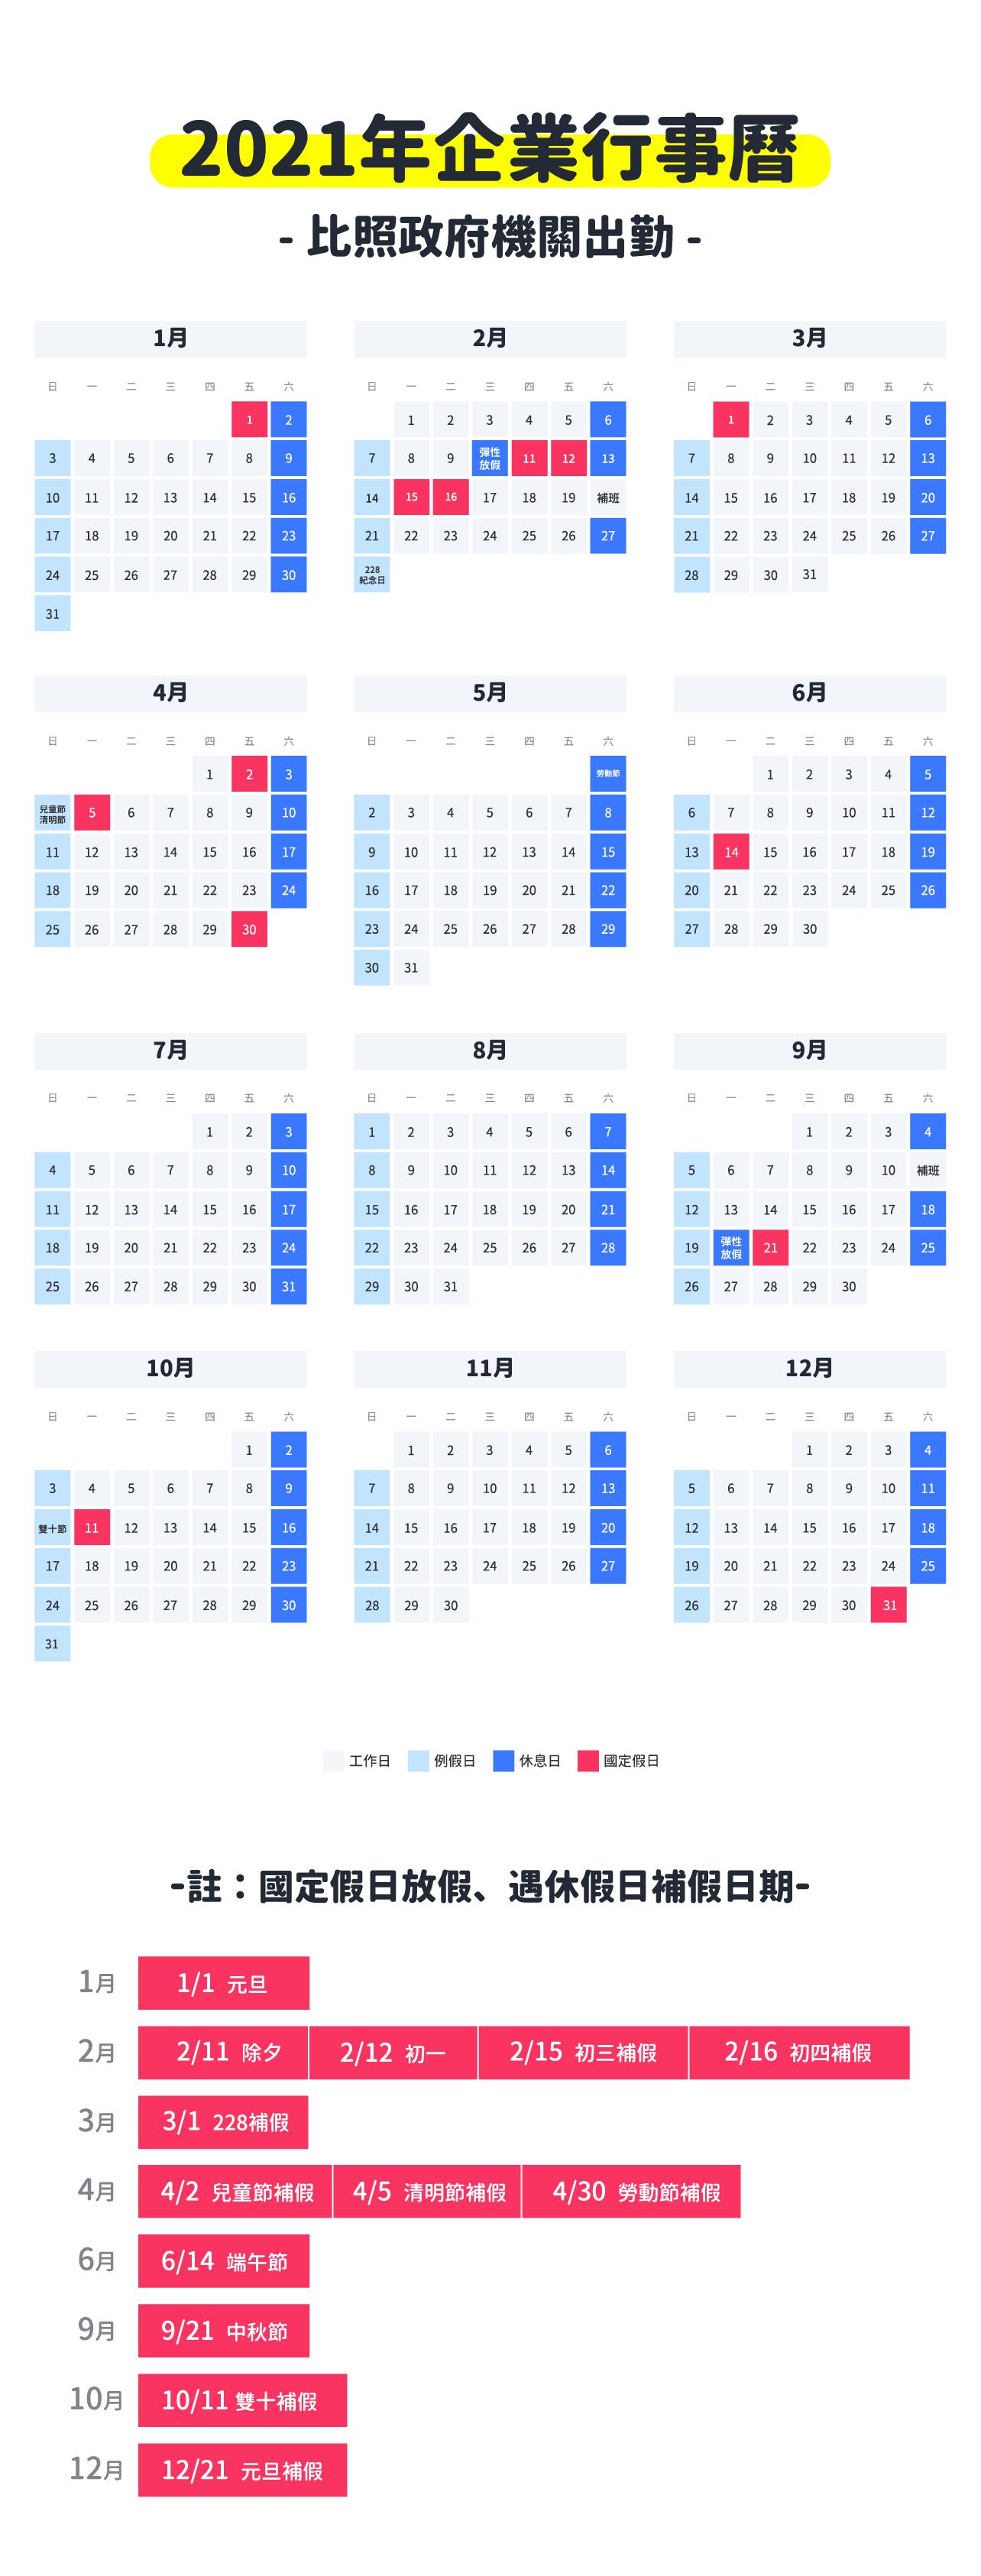 2021企業行事曆(比照政府機關出勤)